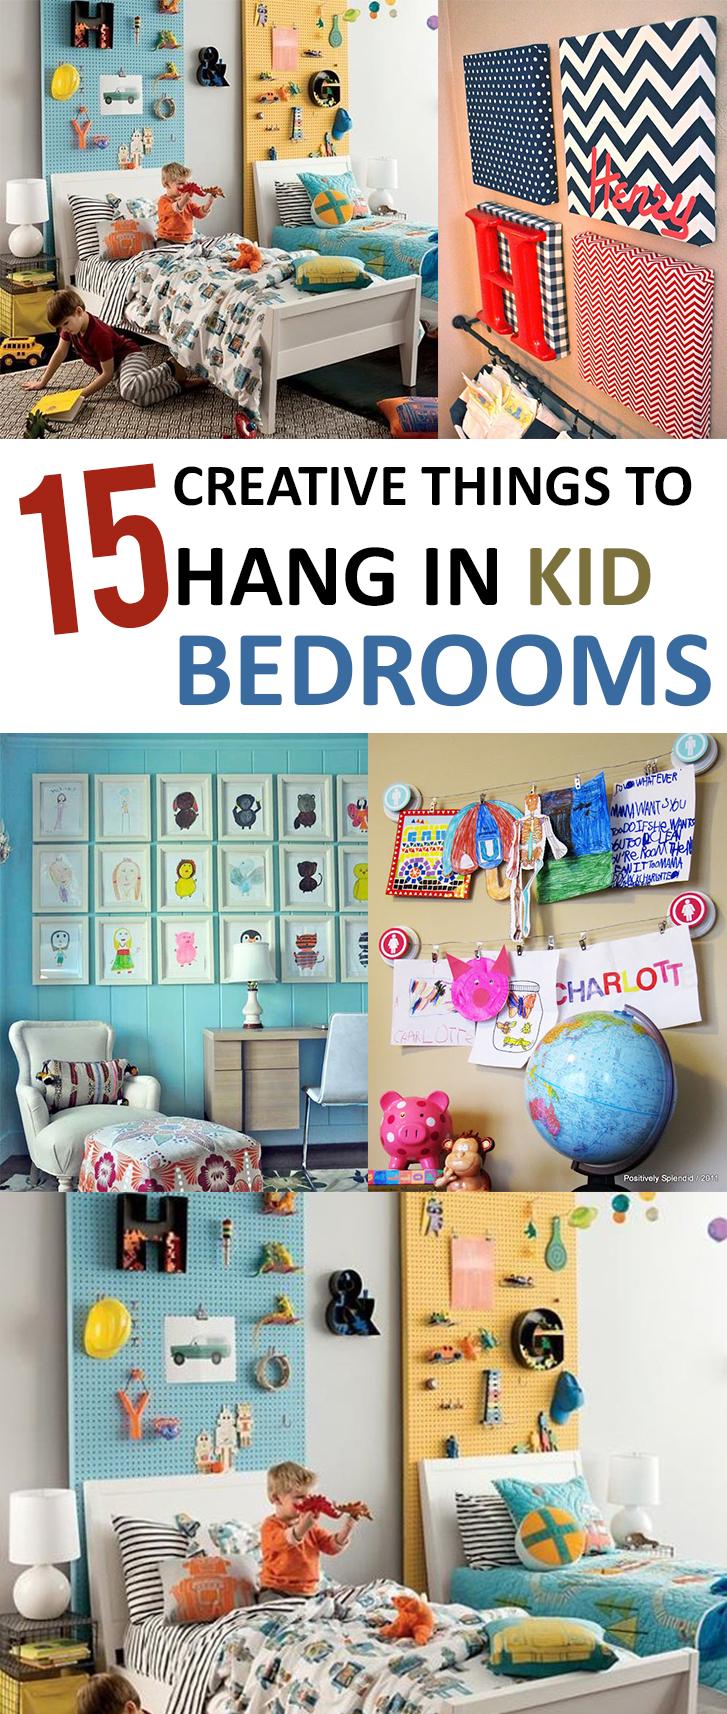 15 Creative Things to Hang in Kid Bedrooms (1)